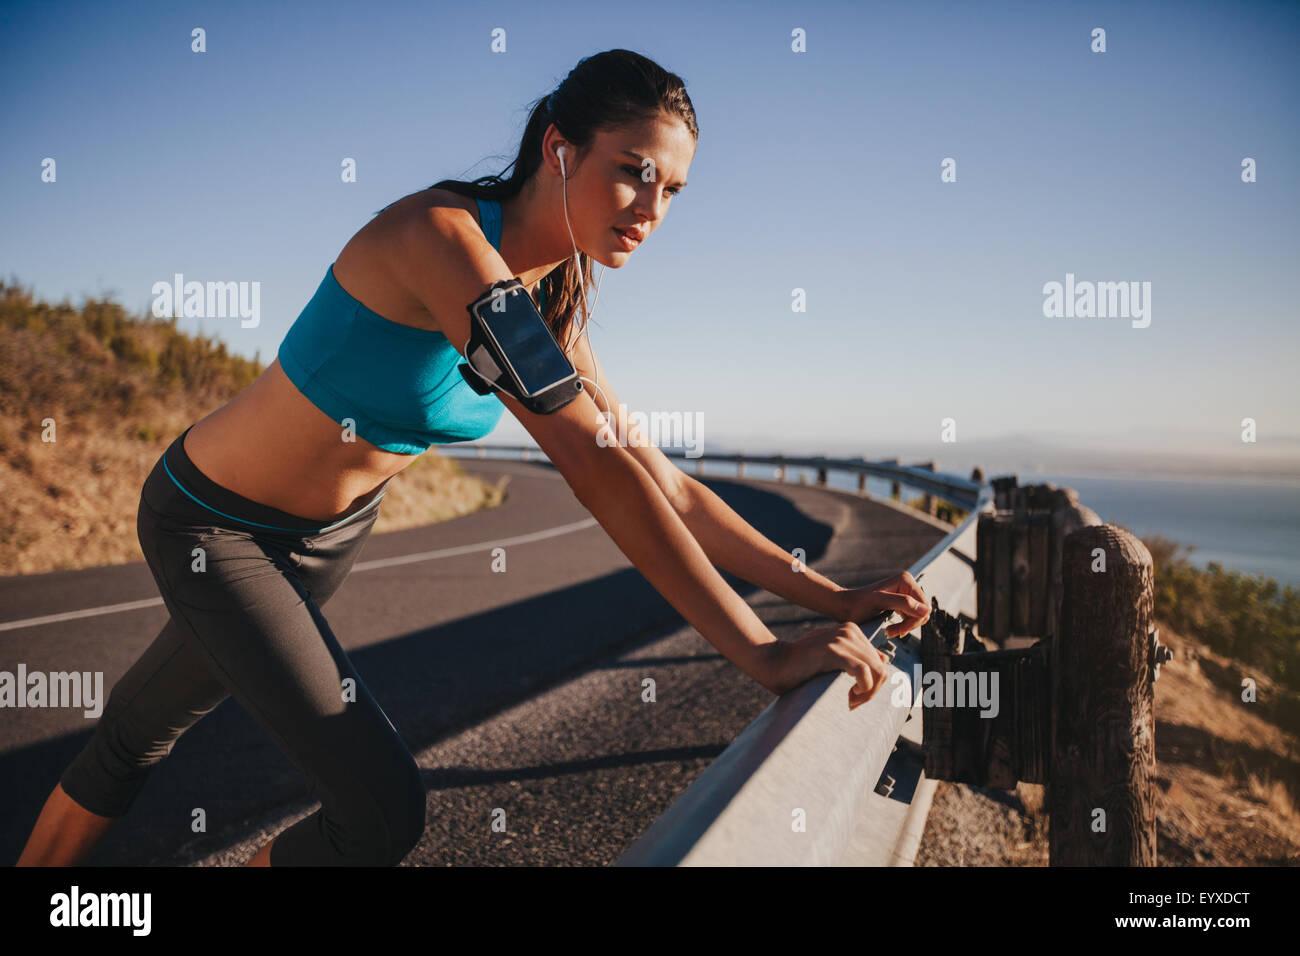 Giovane atleta femminile poggiando su autostrada guardrail guardando lontano. Donna runner fuori sulla strada di Immagini Stock